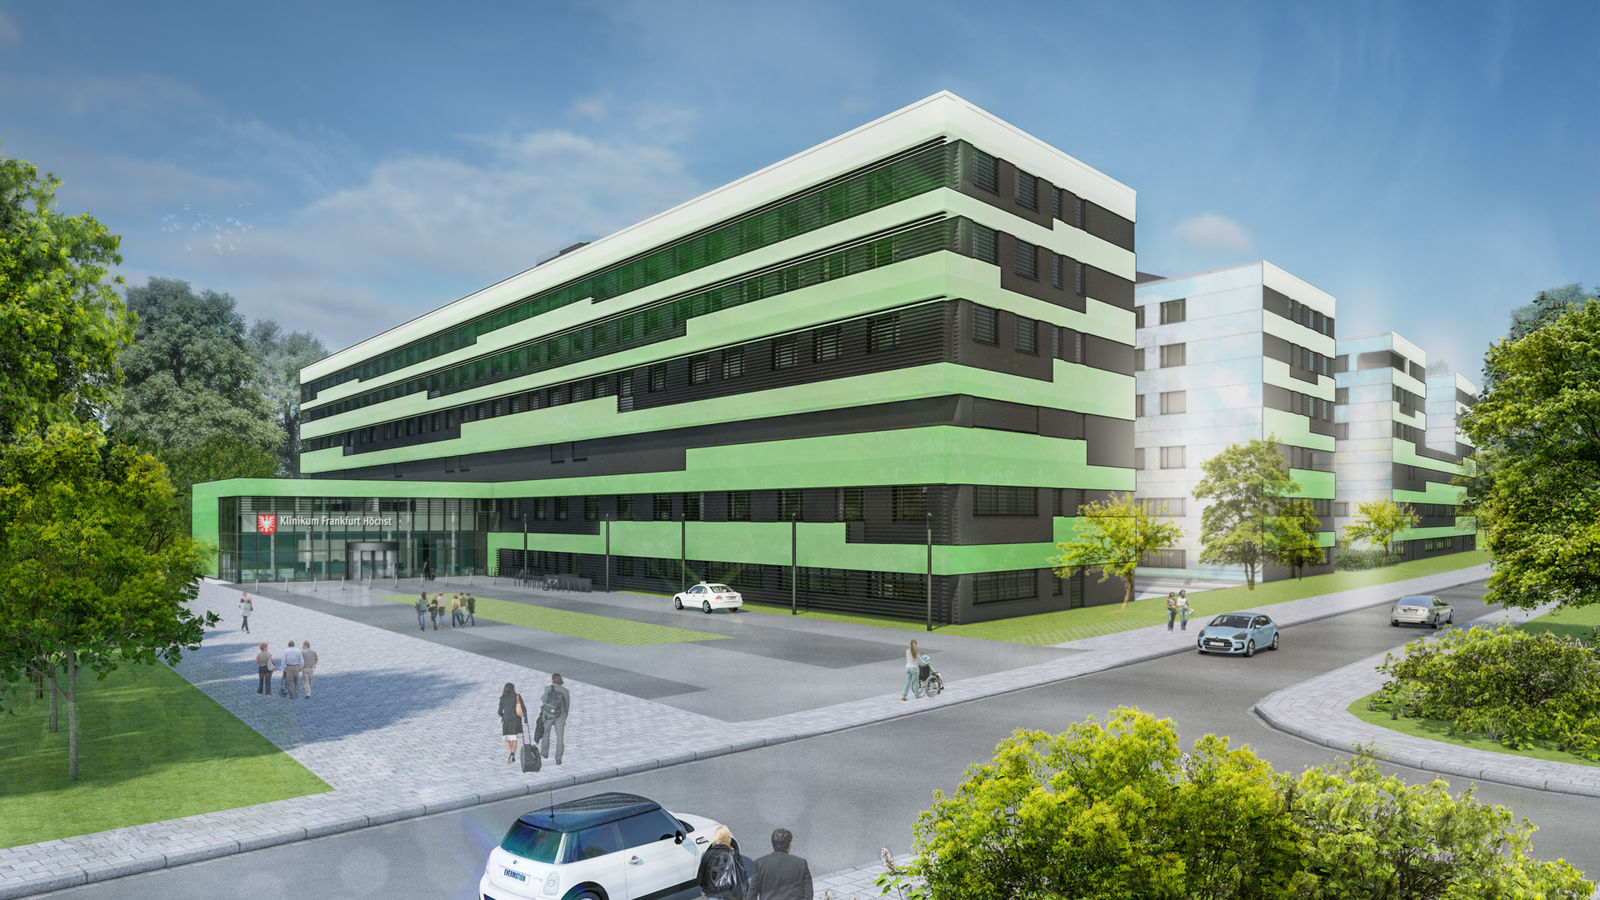 gro auftrag aus frankfurt am main klinikum h chstblogdetail. Black Bedroom Furniture Sets. Home Design Ideas